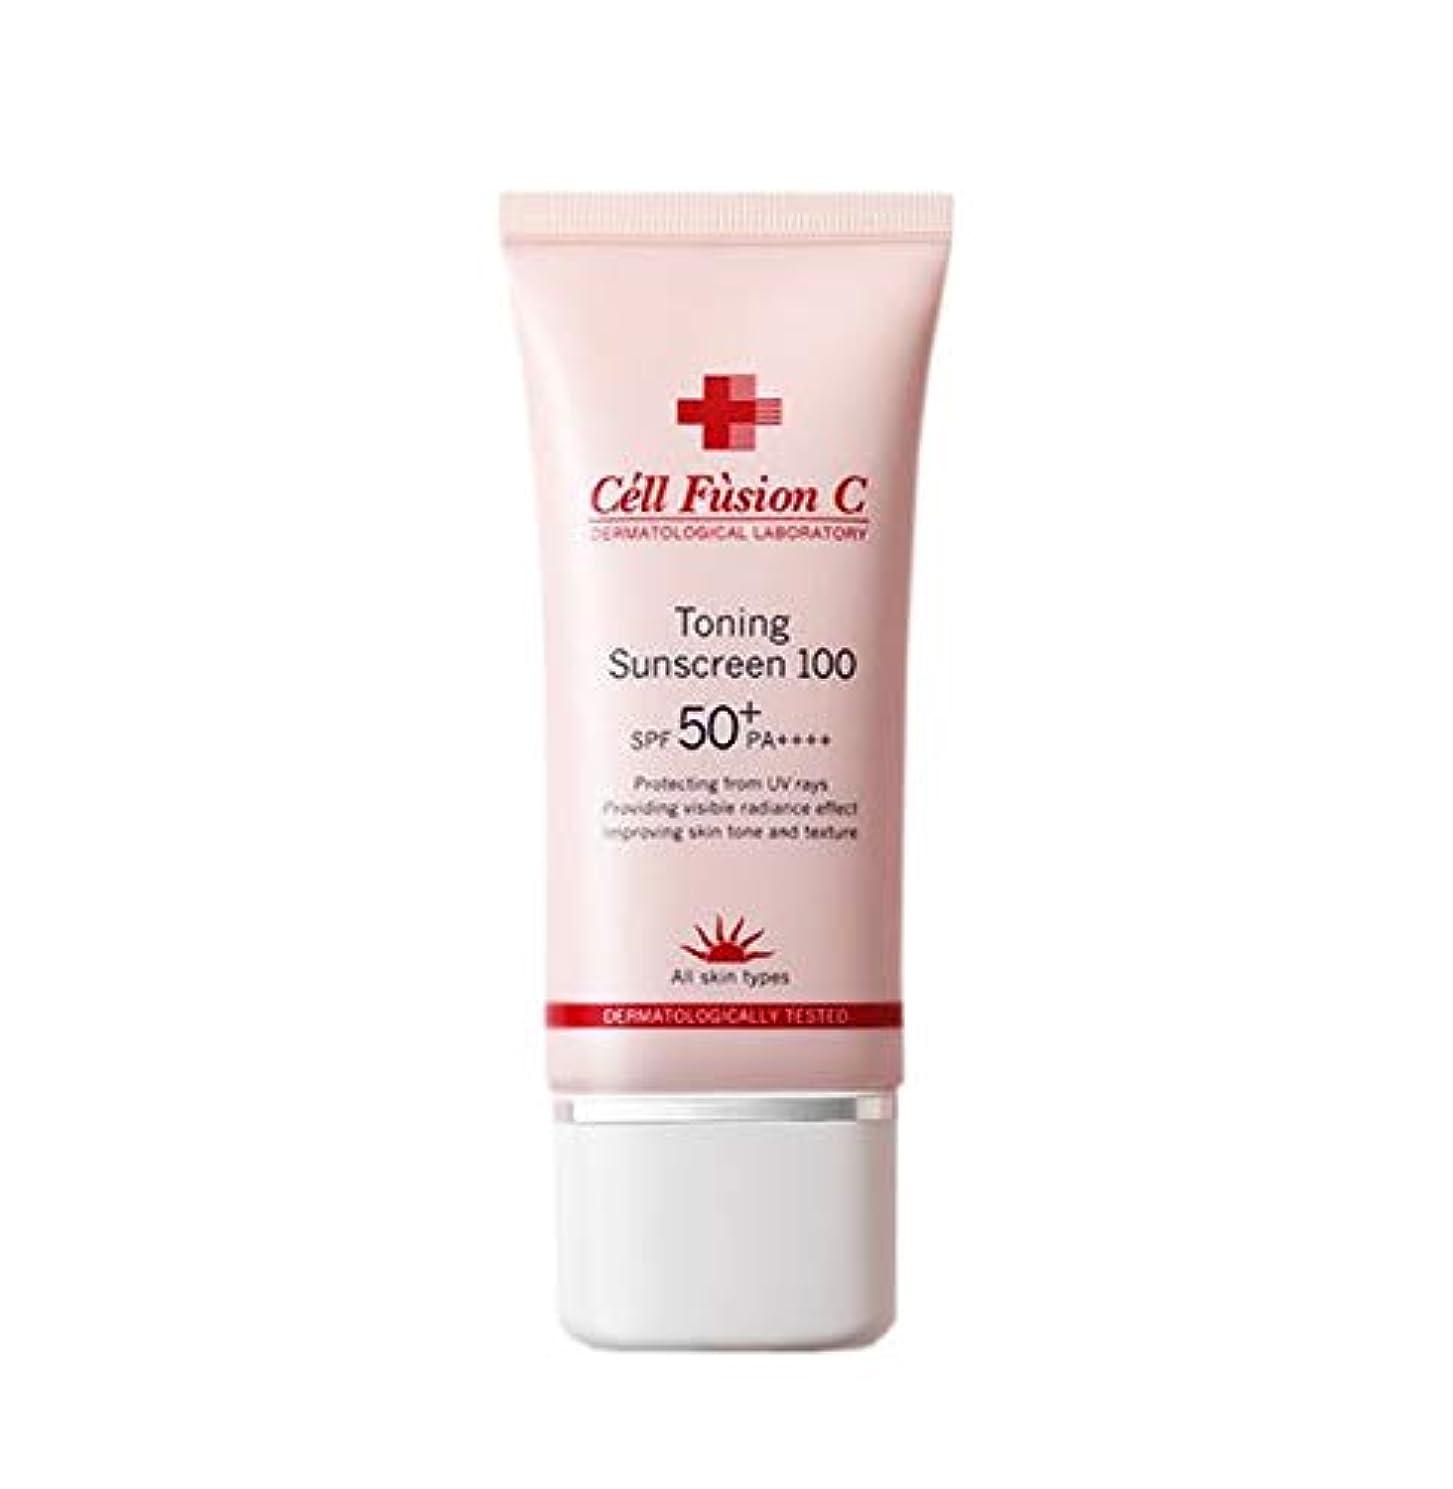 クラック浜辺補体セルフュージョンCトーニングサンスクリーン Cell Fusion C Toning Sunscreen 100 (35ml) SPF 50+ / PA ++++ 韓国日焼け止め